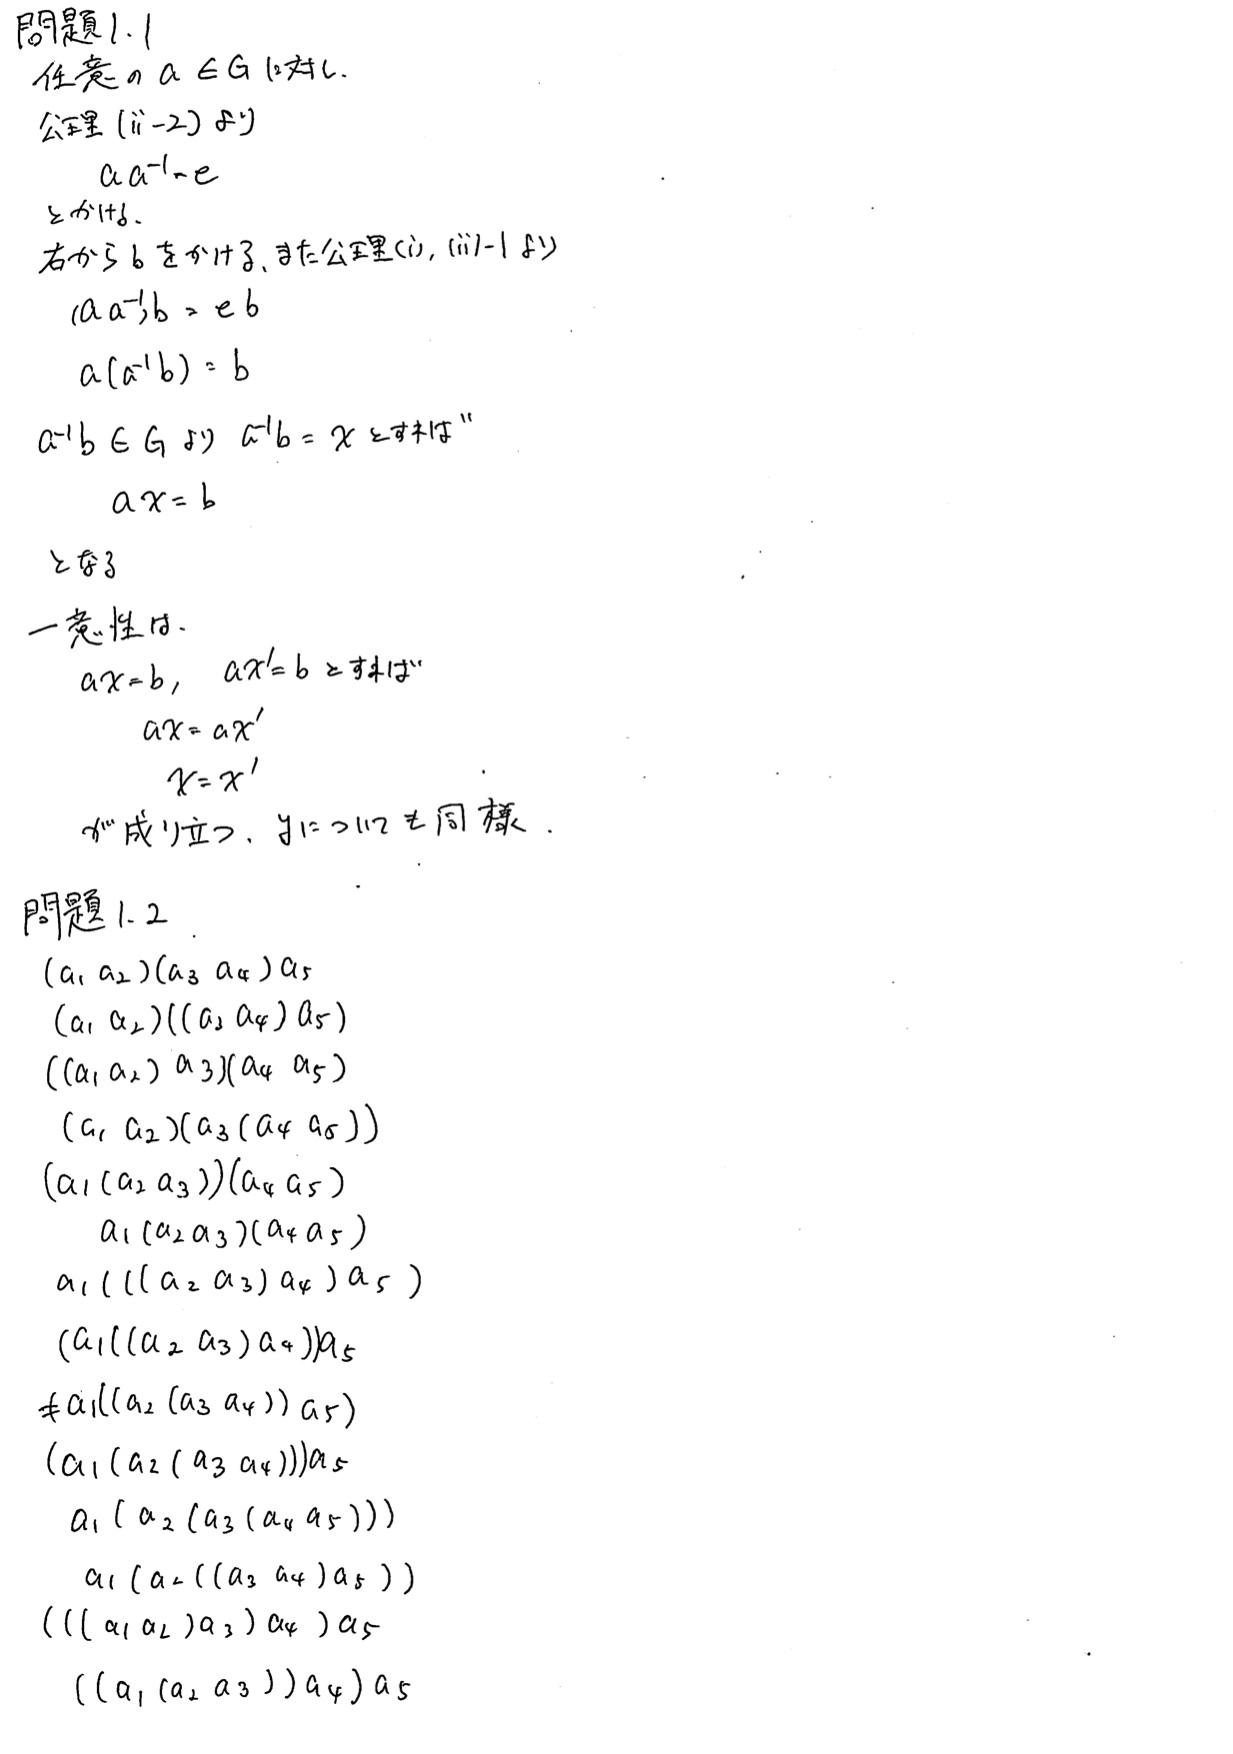 senkei_1.jpg